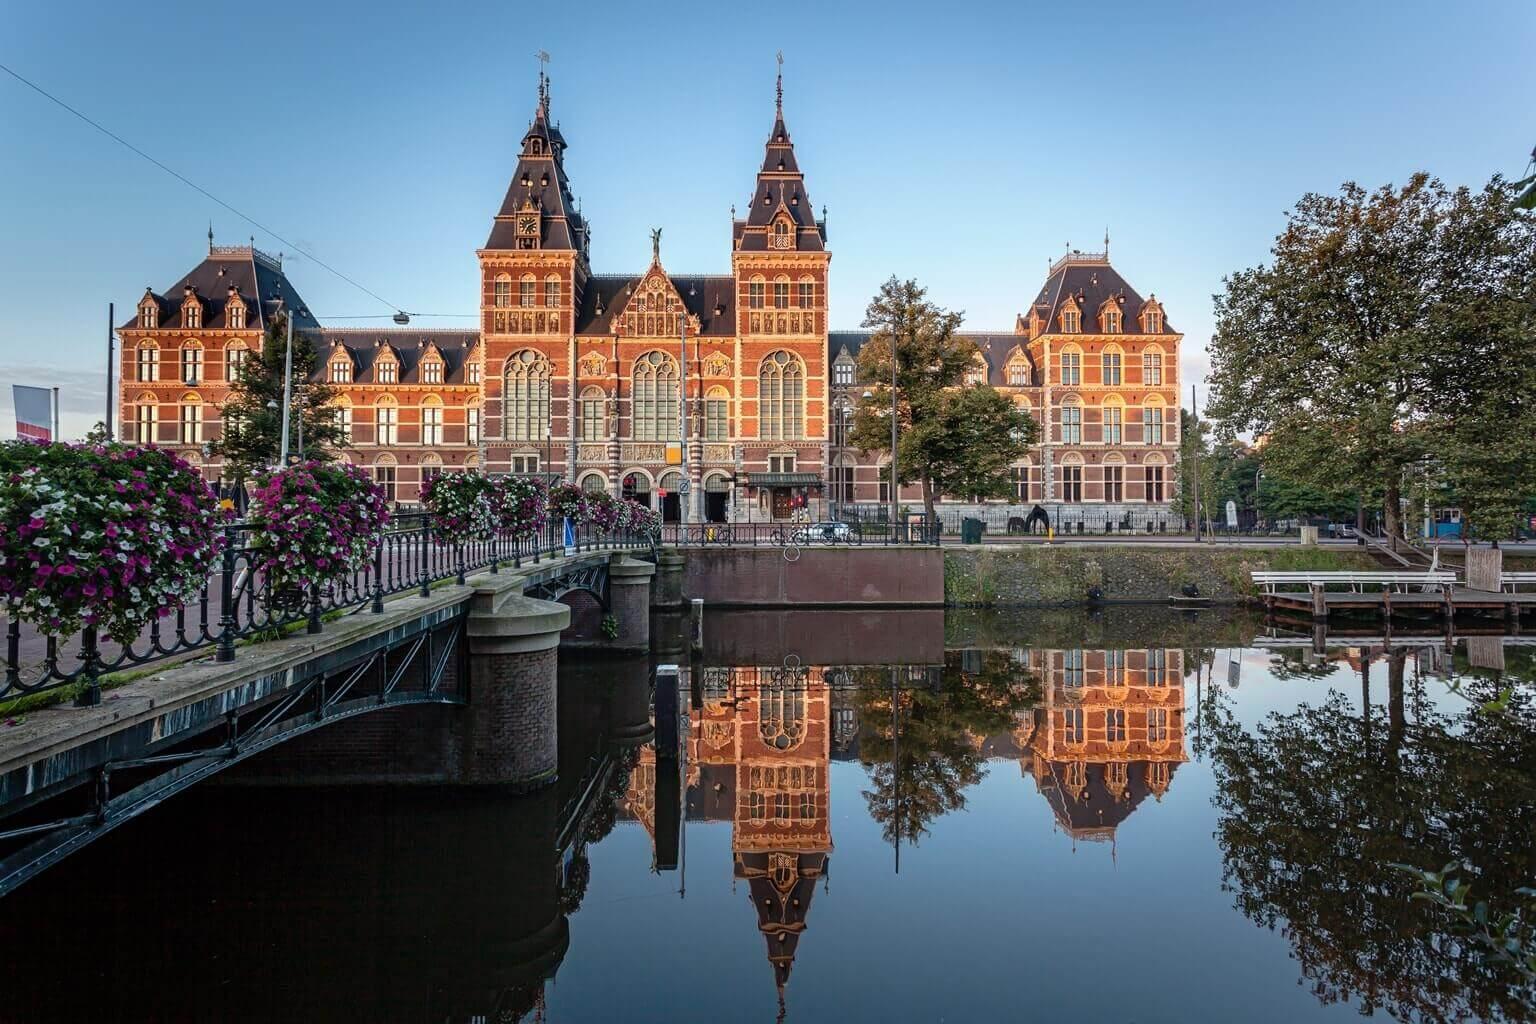 Rijksmuseum, musée hollandais, Amsterdam, Pays-Bas